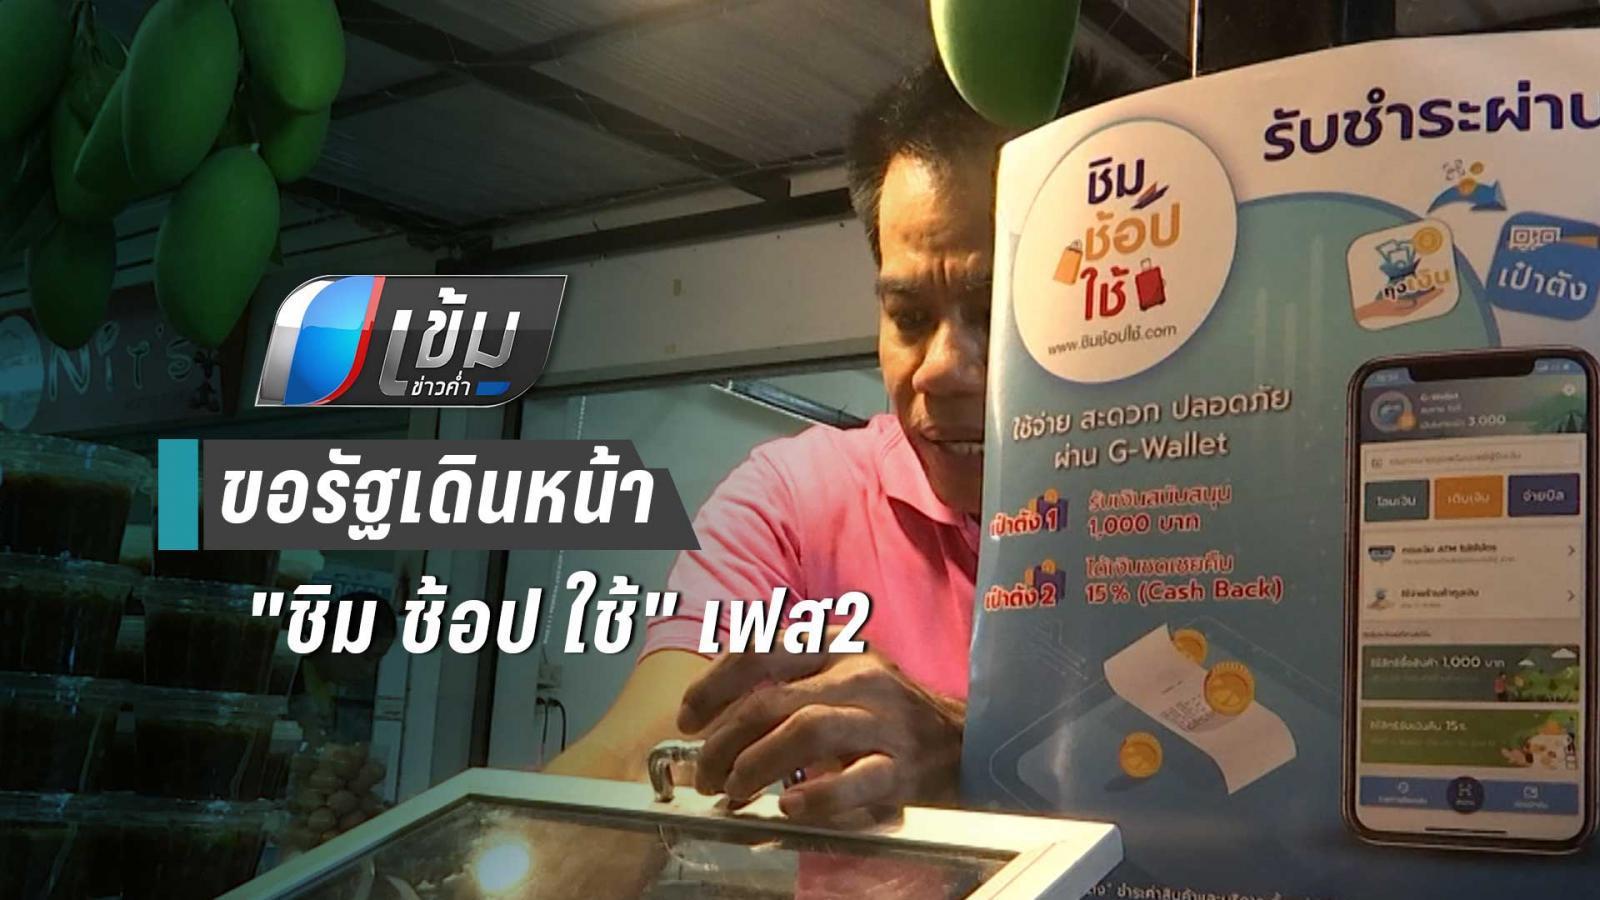 ผู้ค้าตลาดดอนหวาย ขอรัฐบาลเดินหน้า ชิม ช้อป ใช้ เฟส2